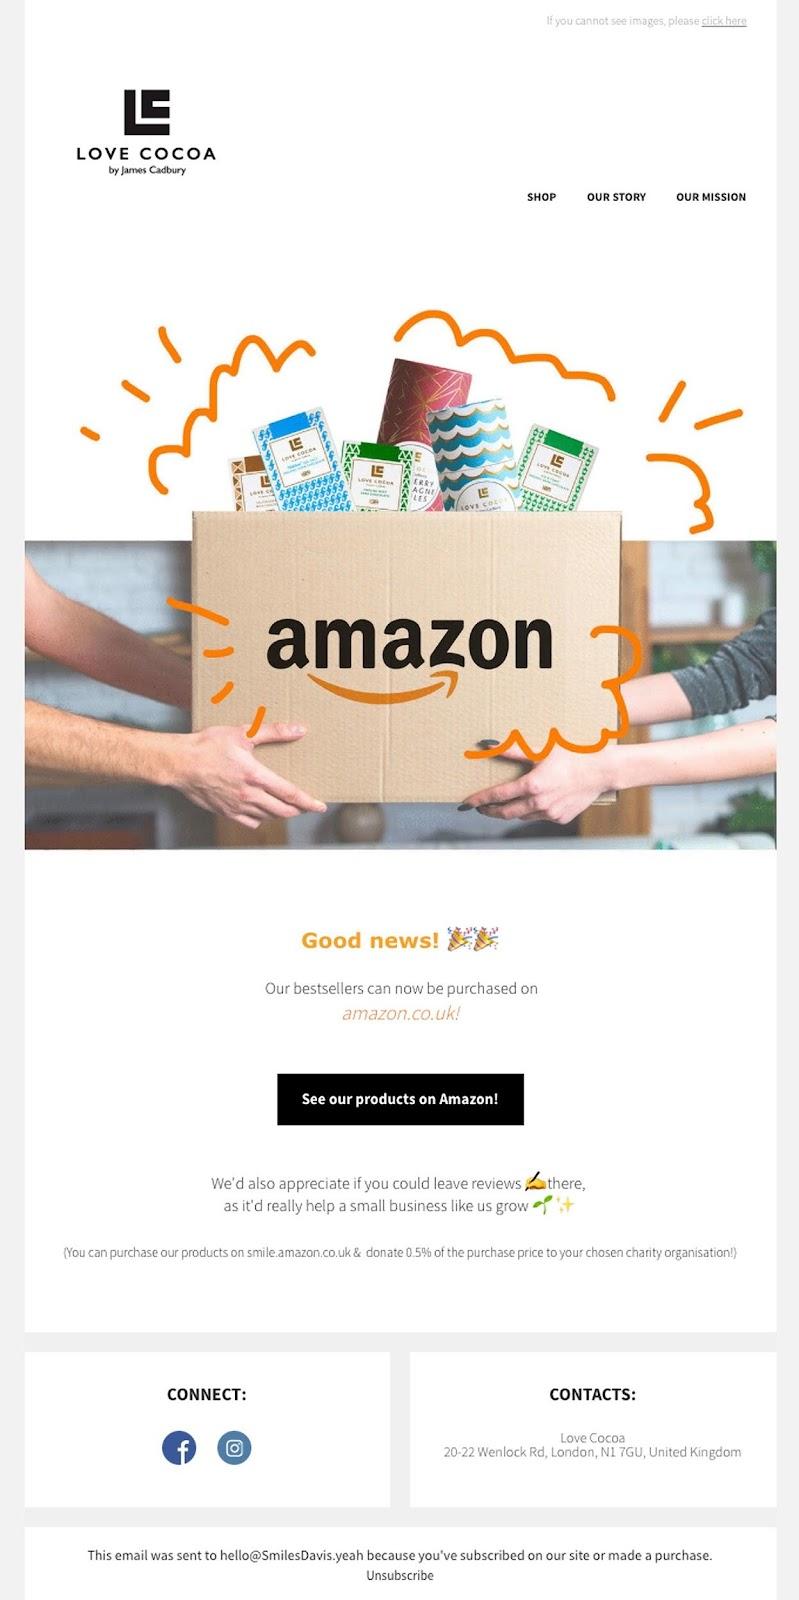 Love Cocoa's Amazon UK availability